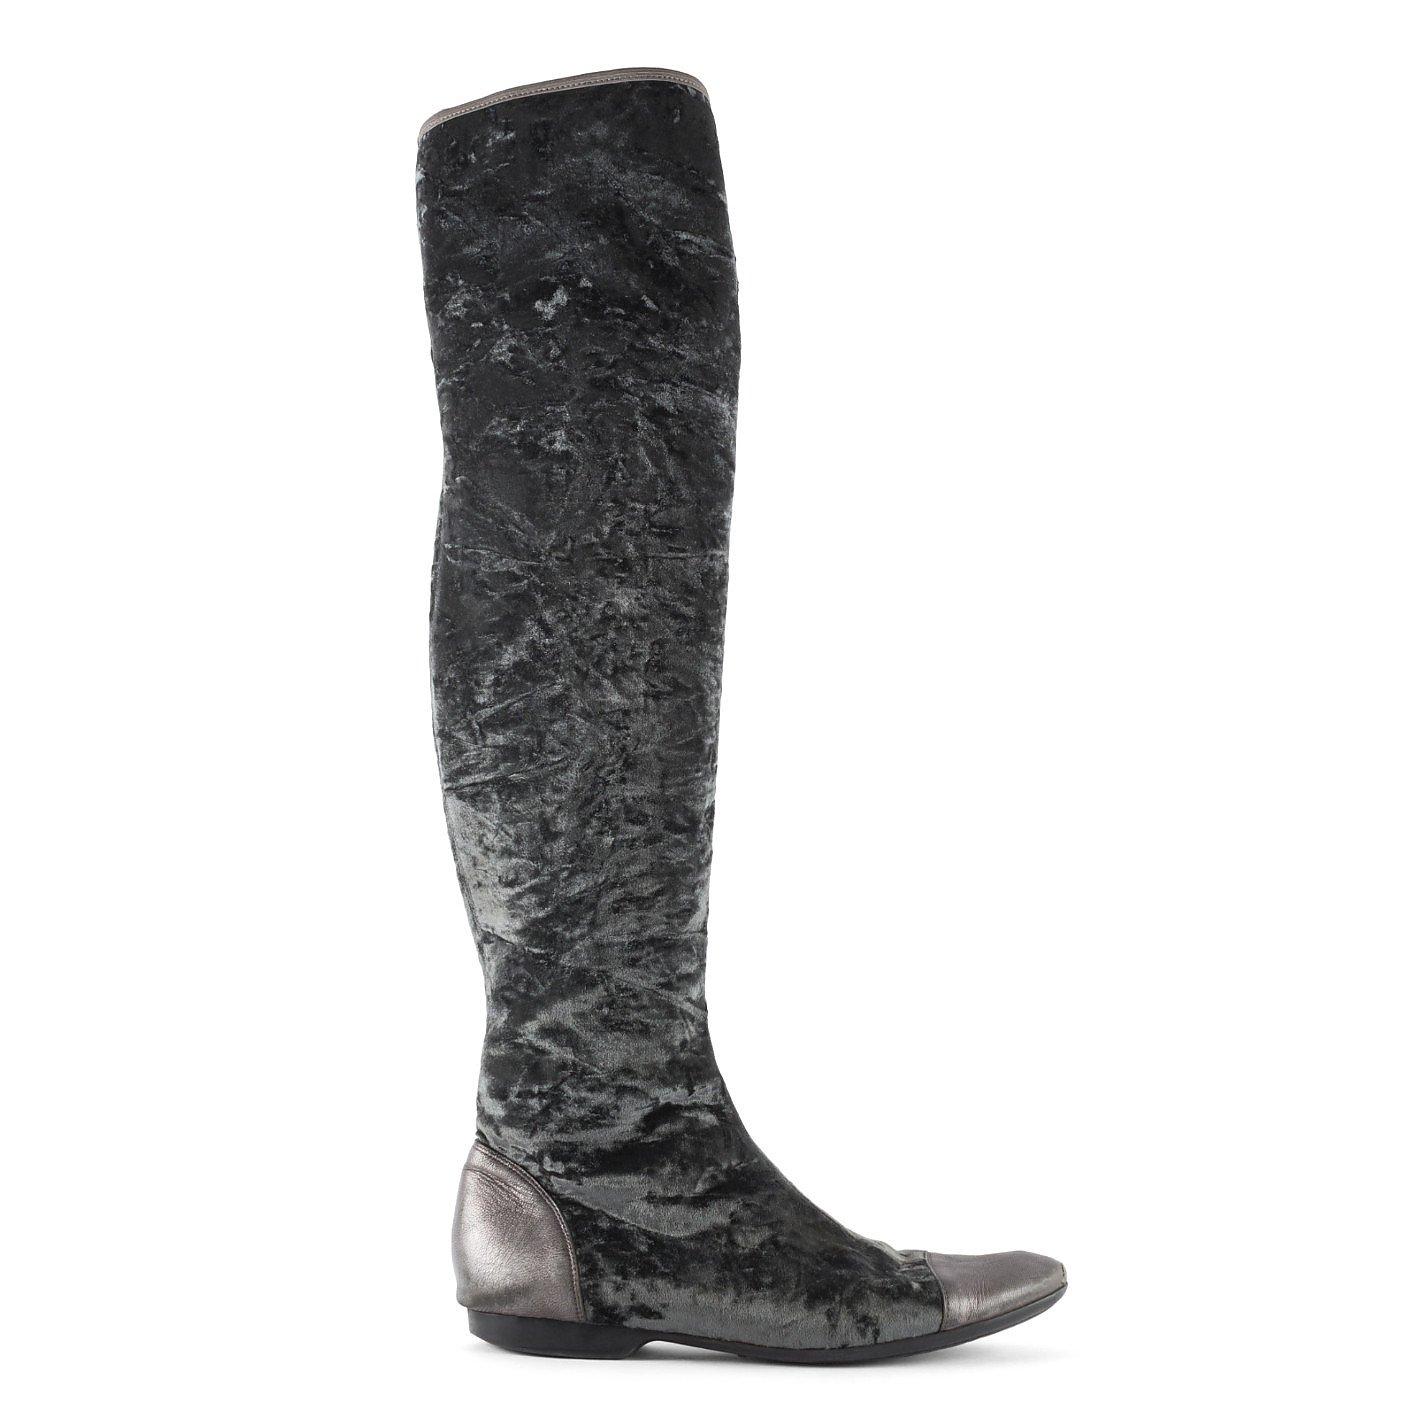 Donald J Pliner Velvet Knee-High Boots